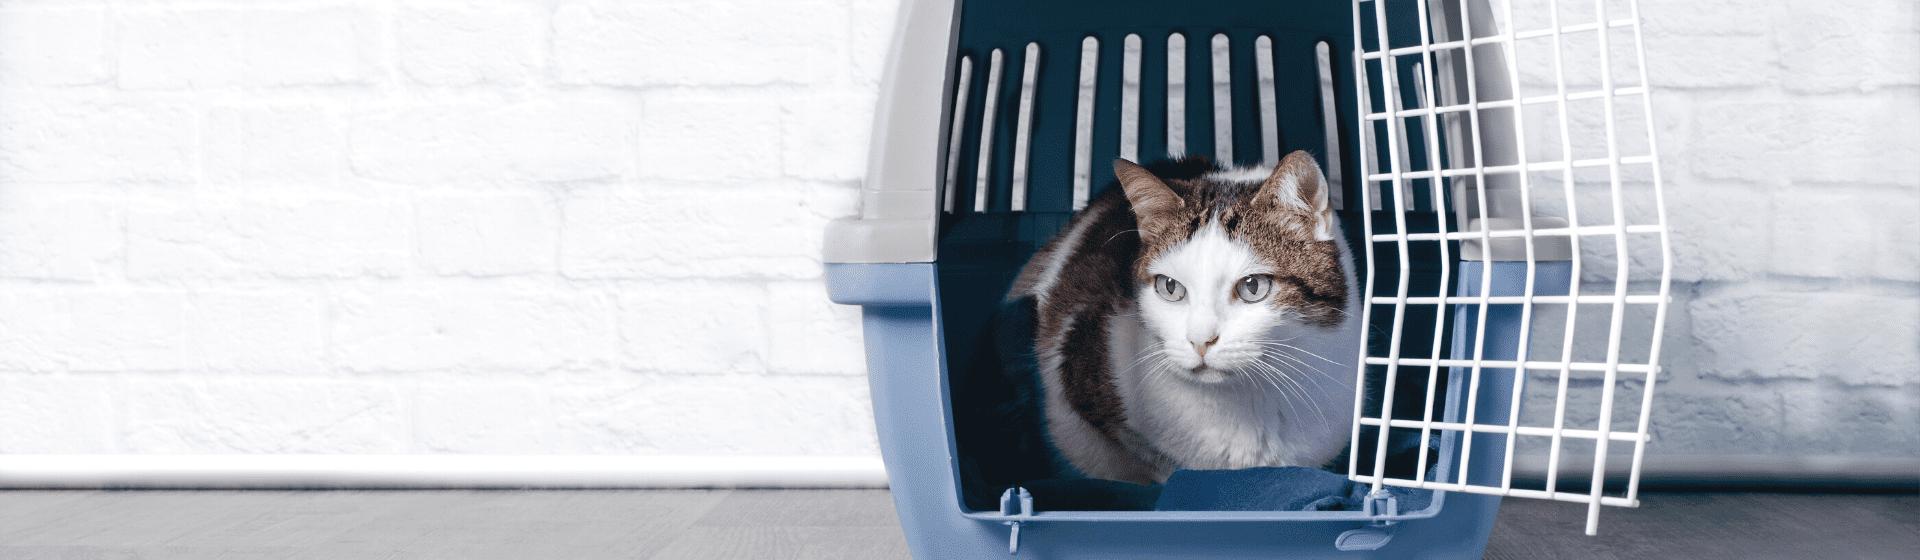 Caixa de transporte para gato: qual é o melhor modelo?